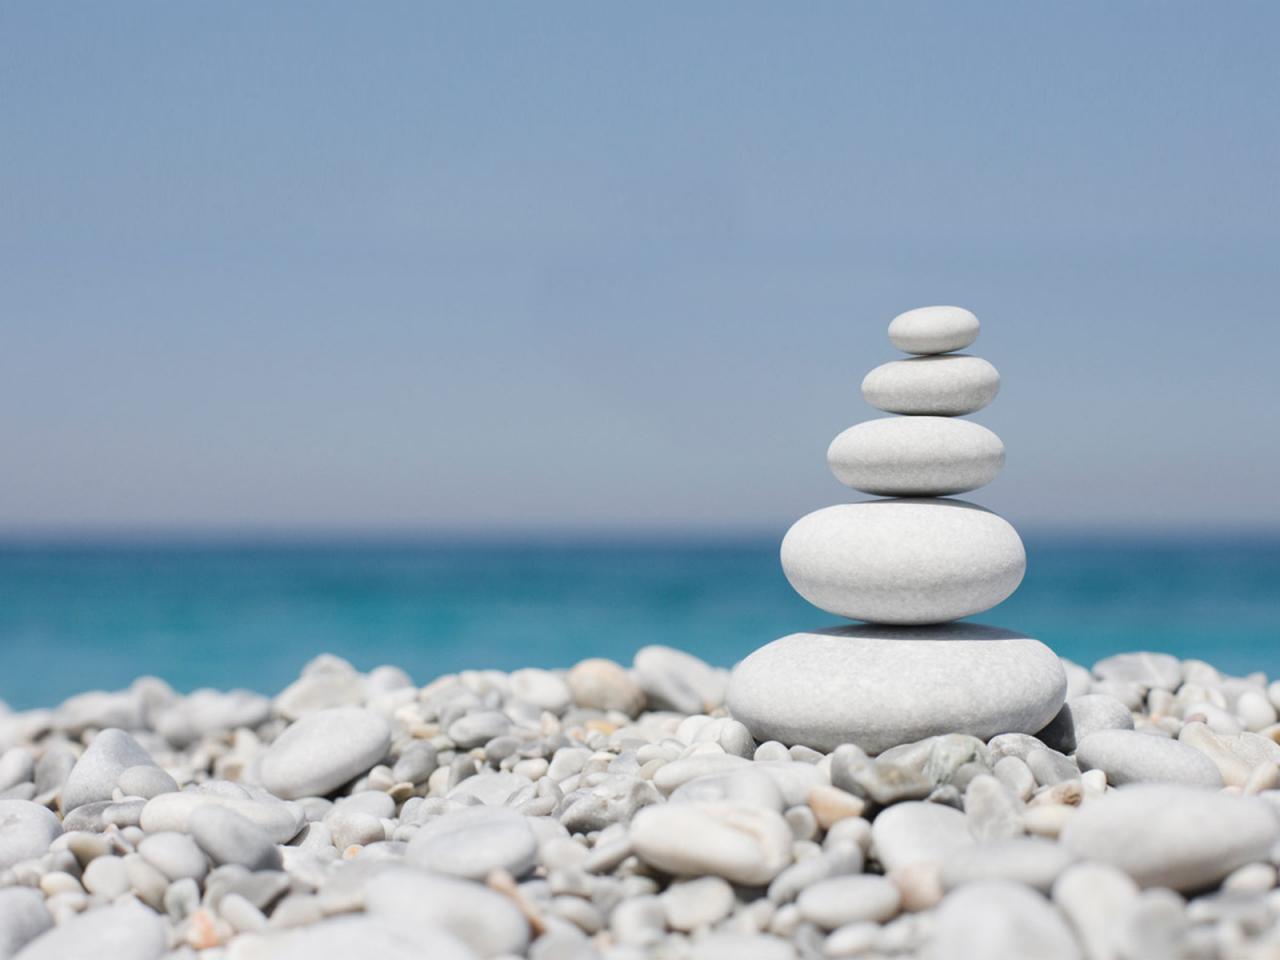 5 начини за да станете отпорни на стрес и да ги зачувате мирот и здравјето